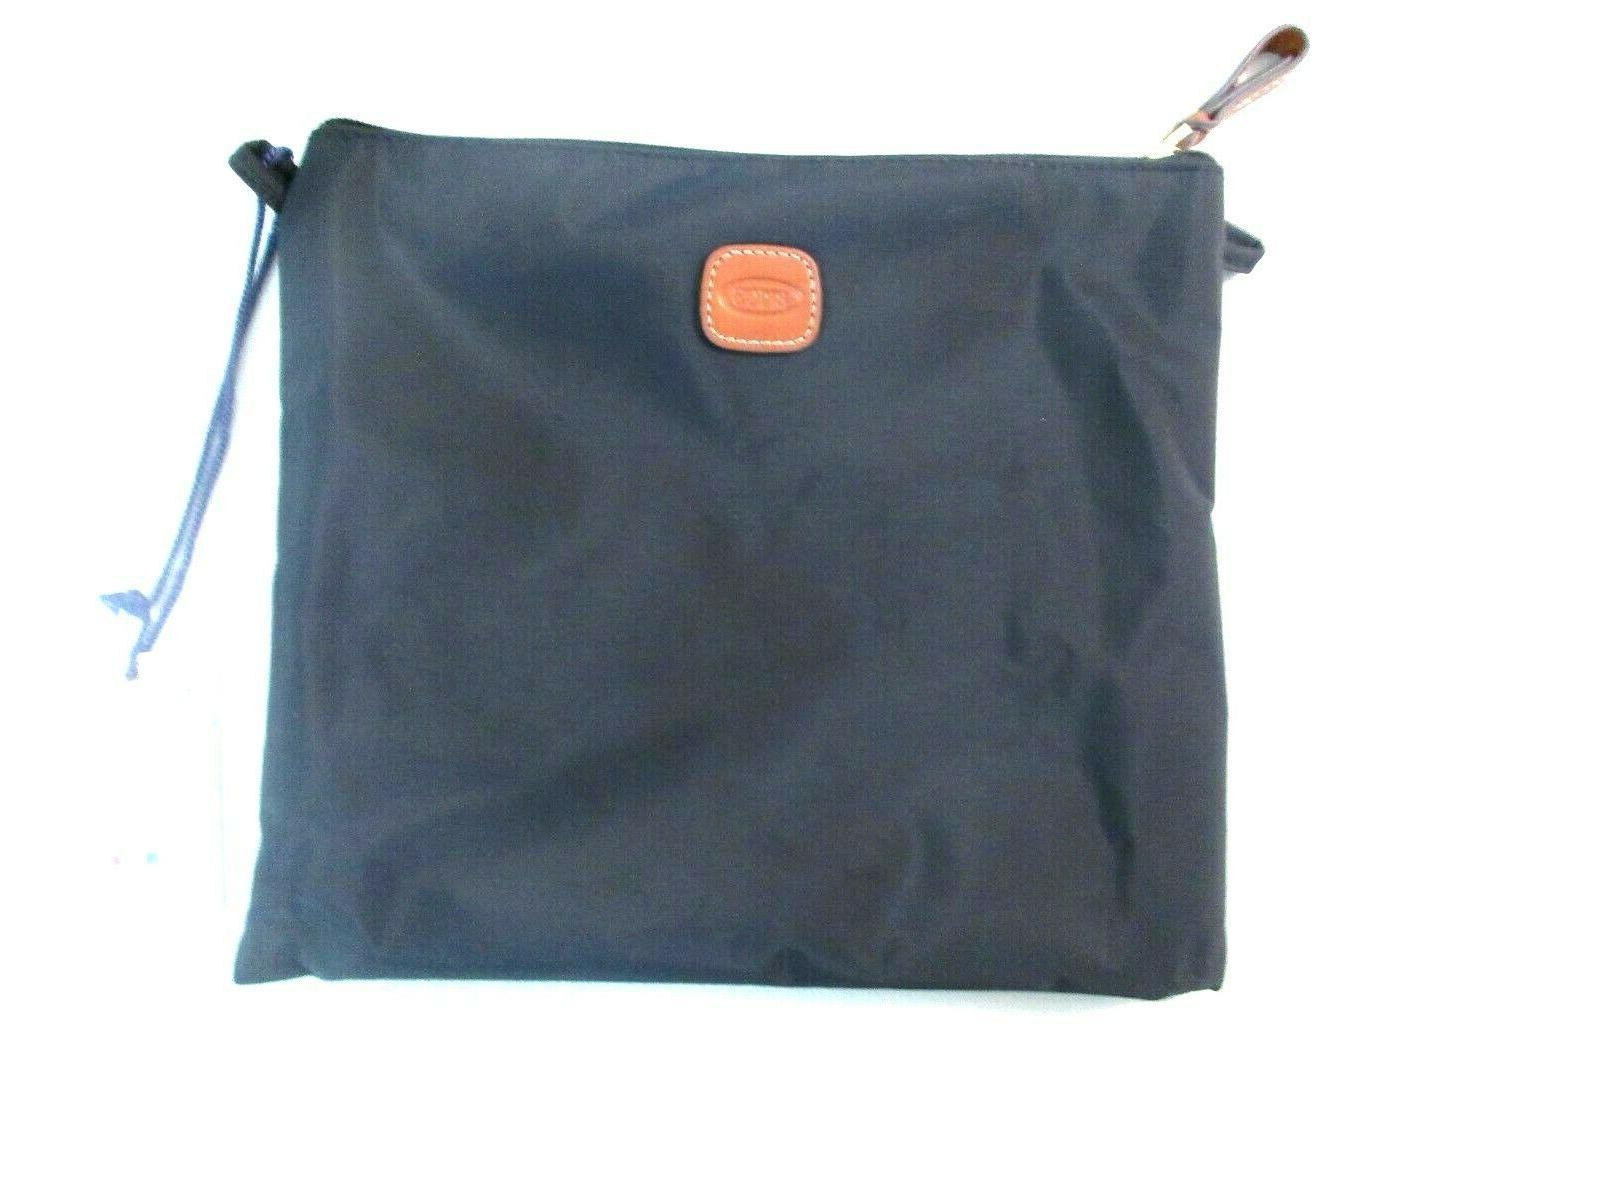 Bric's Luggage X folding duffel BK OR BL